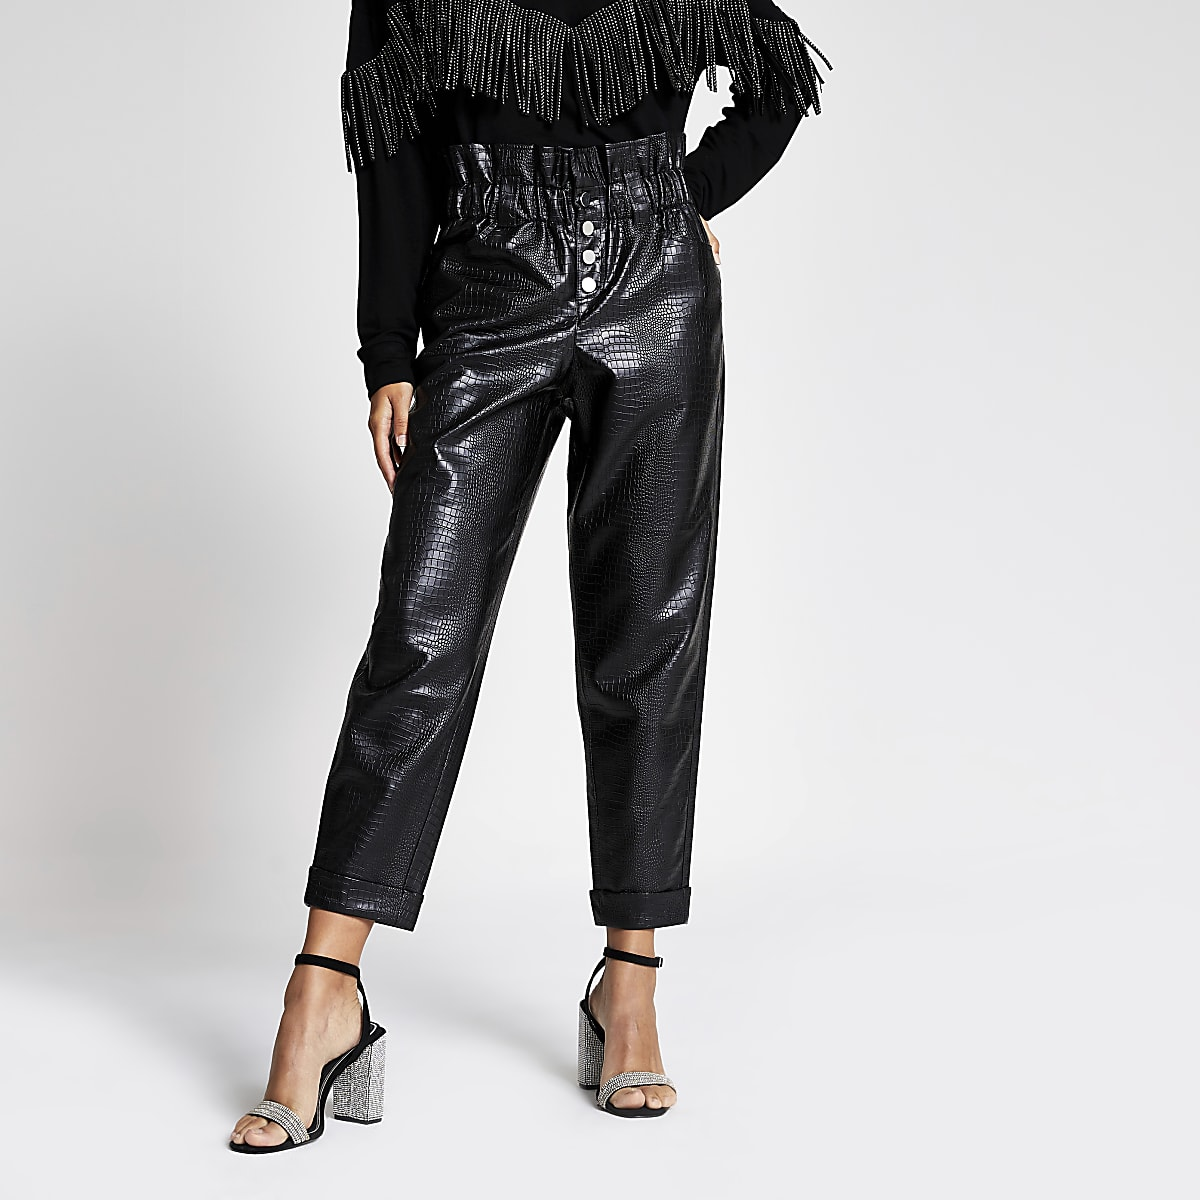 Zwarte croc broek met peg leg vorm van imitatieleer